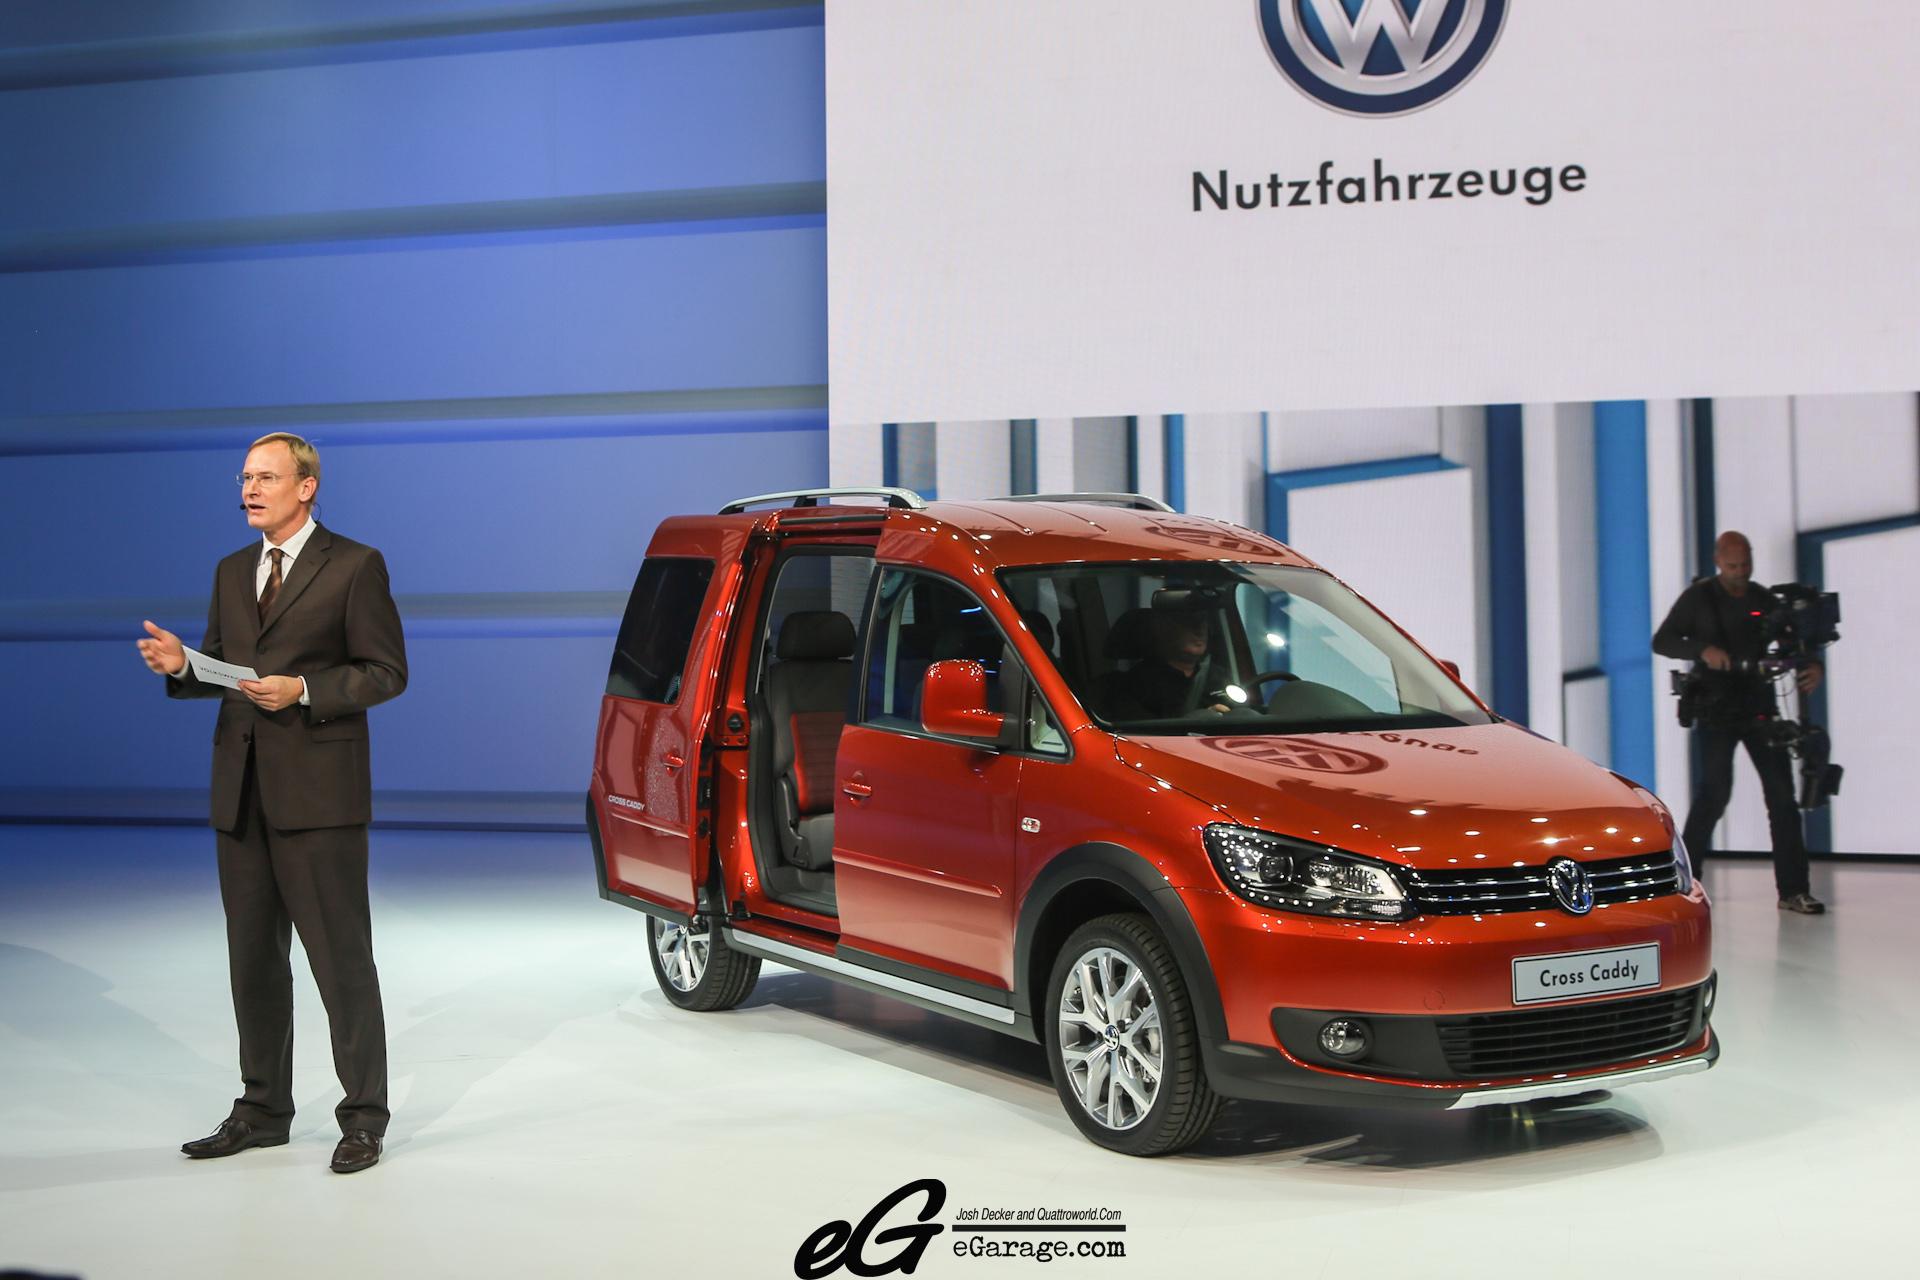 8030390535 f030375b35 o 2012 Paris Motor Show